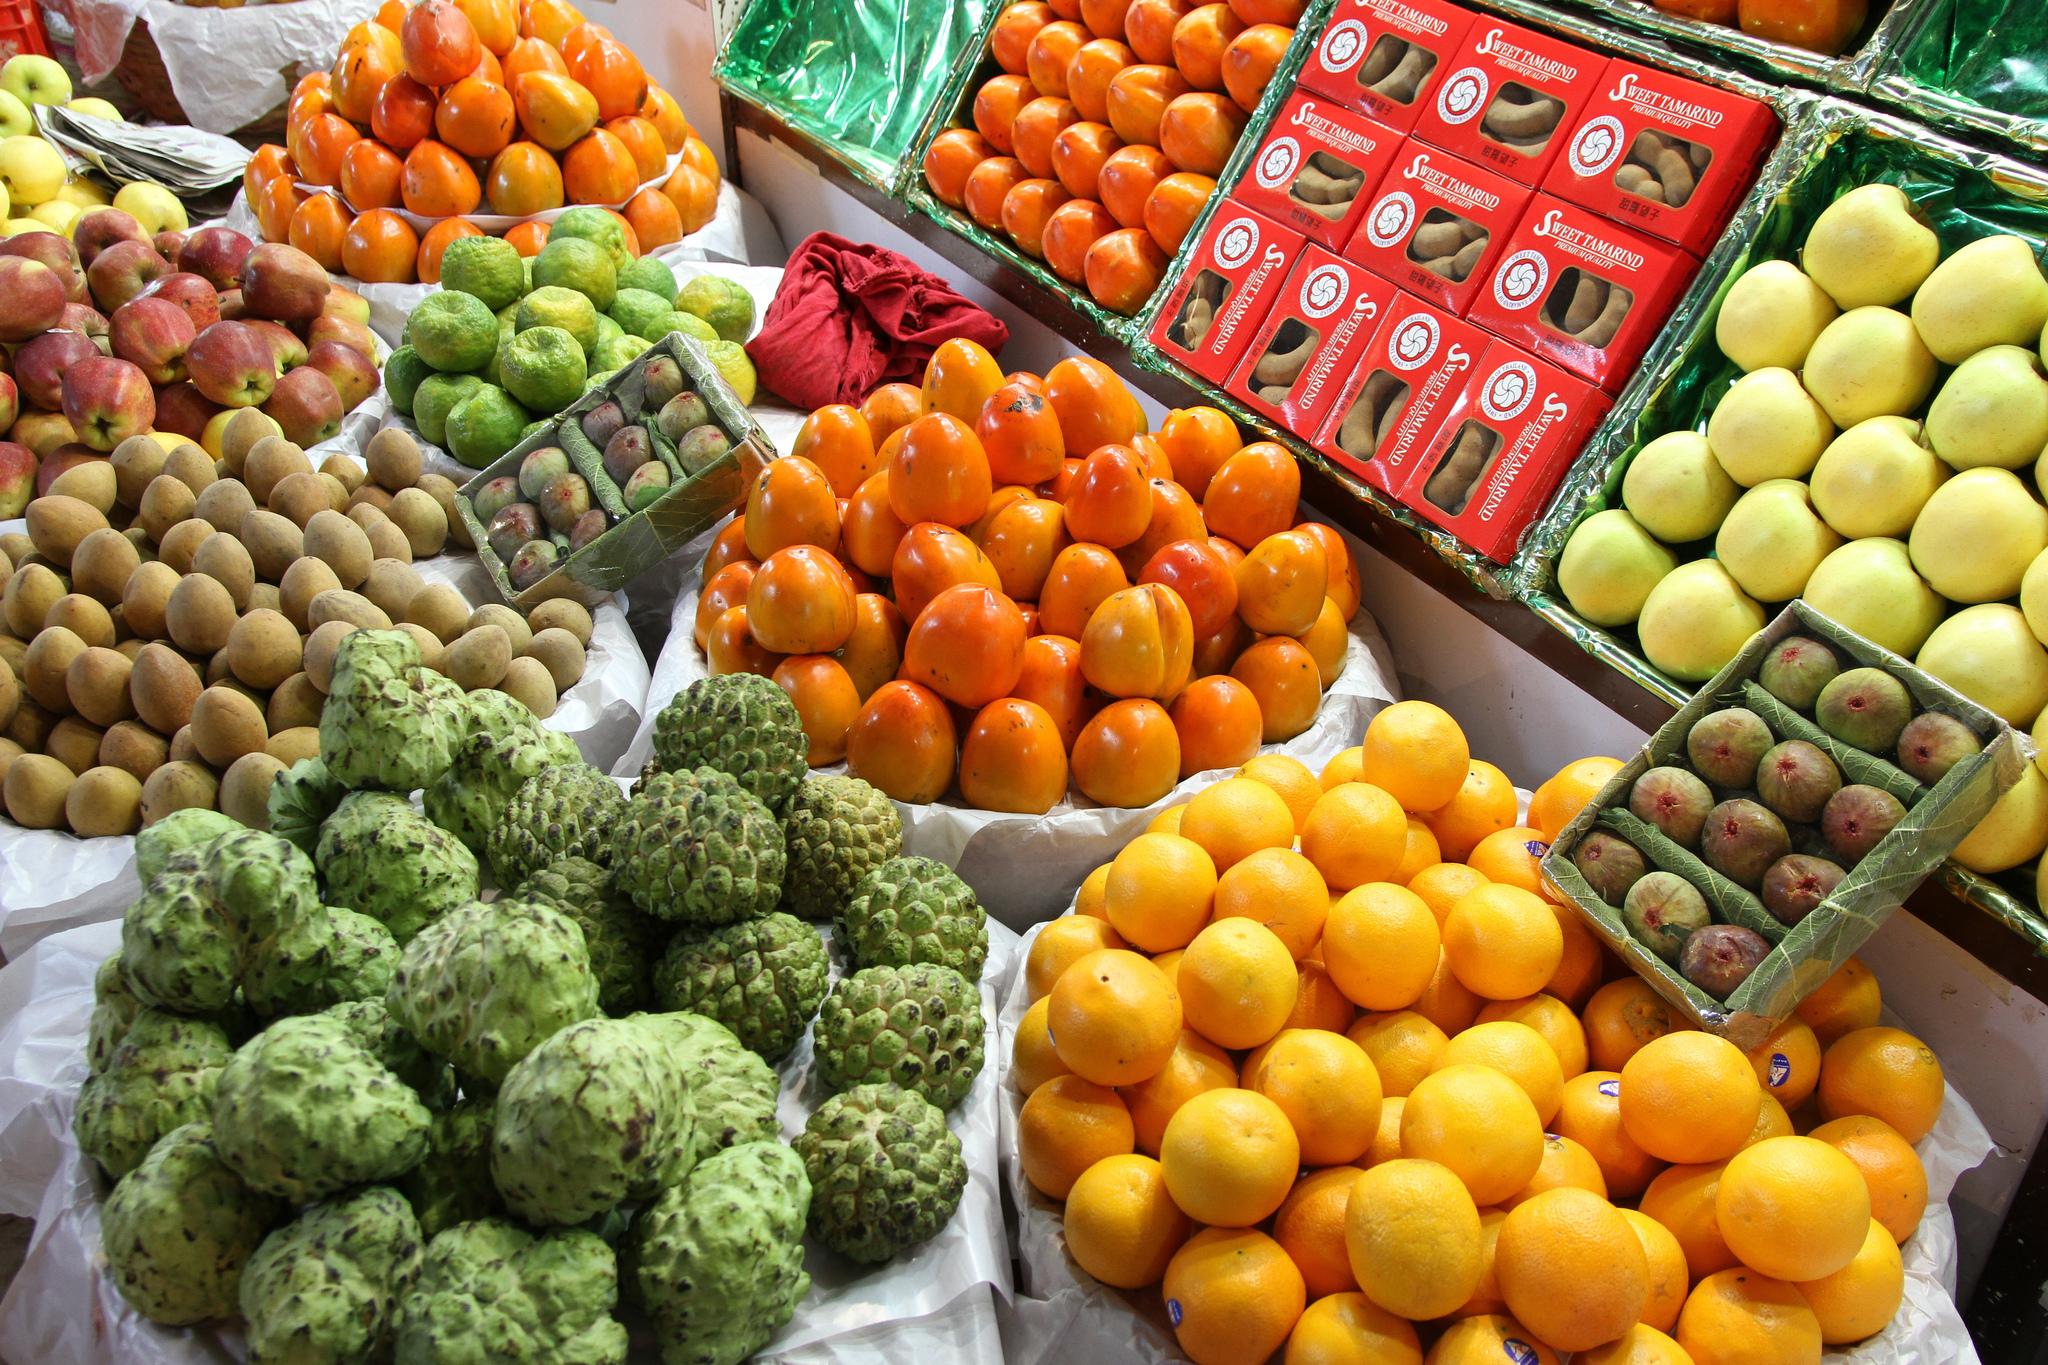 Обои напиток, стол, фрукты, цветы, фрукт дракона, апельсин, арбуз. Еда foto 15